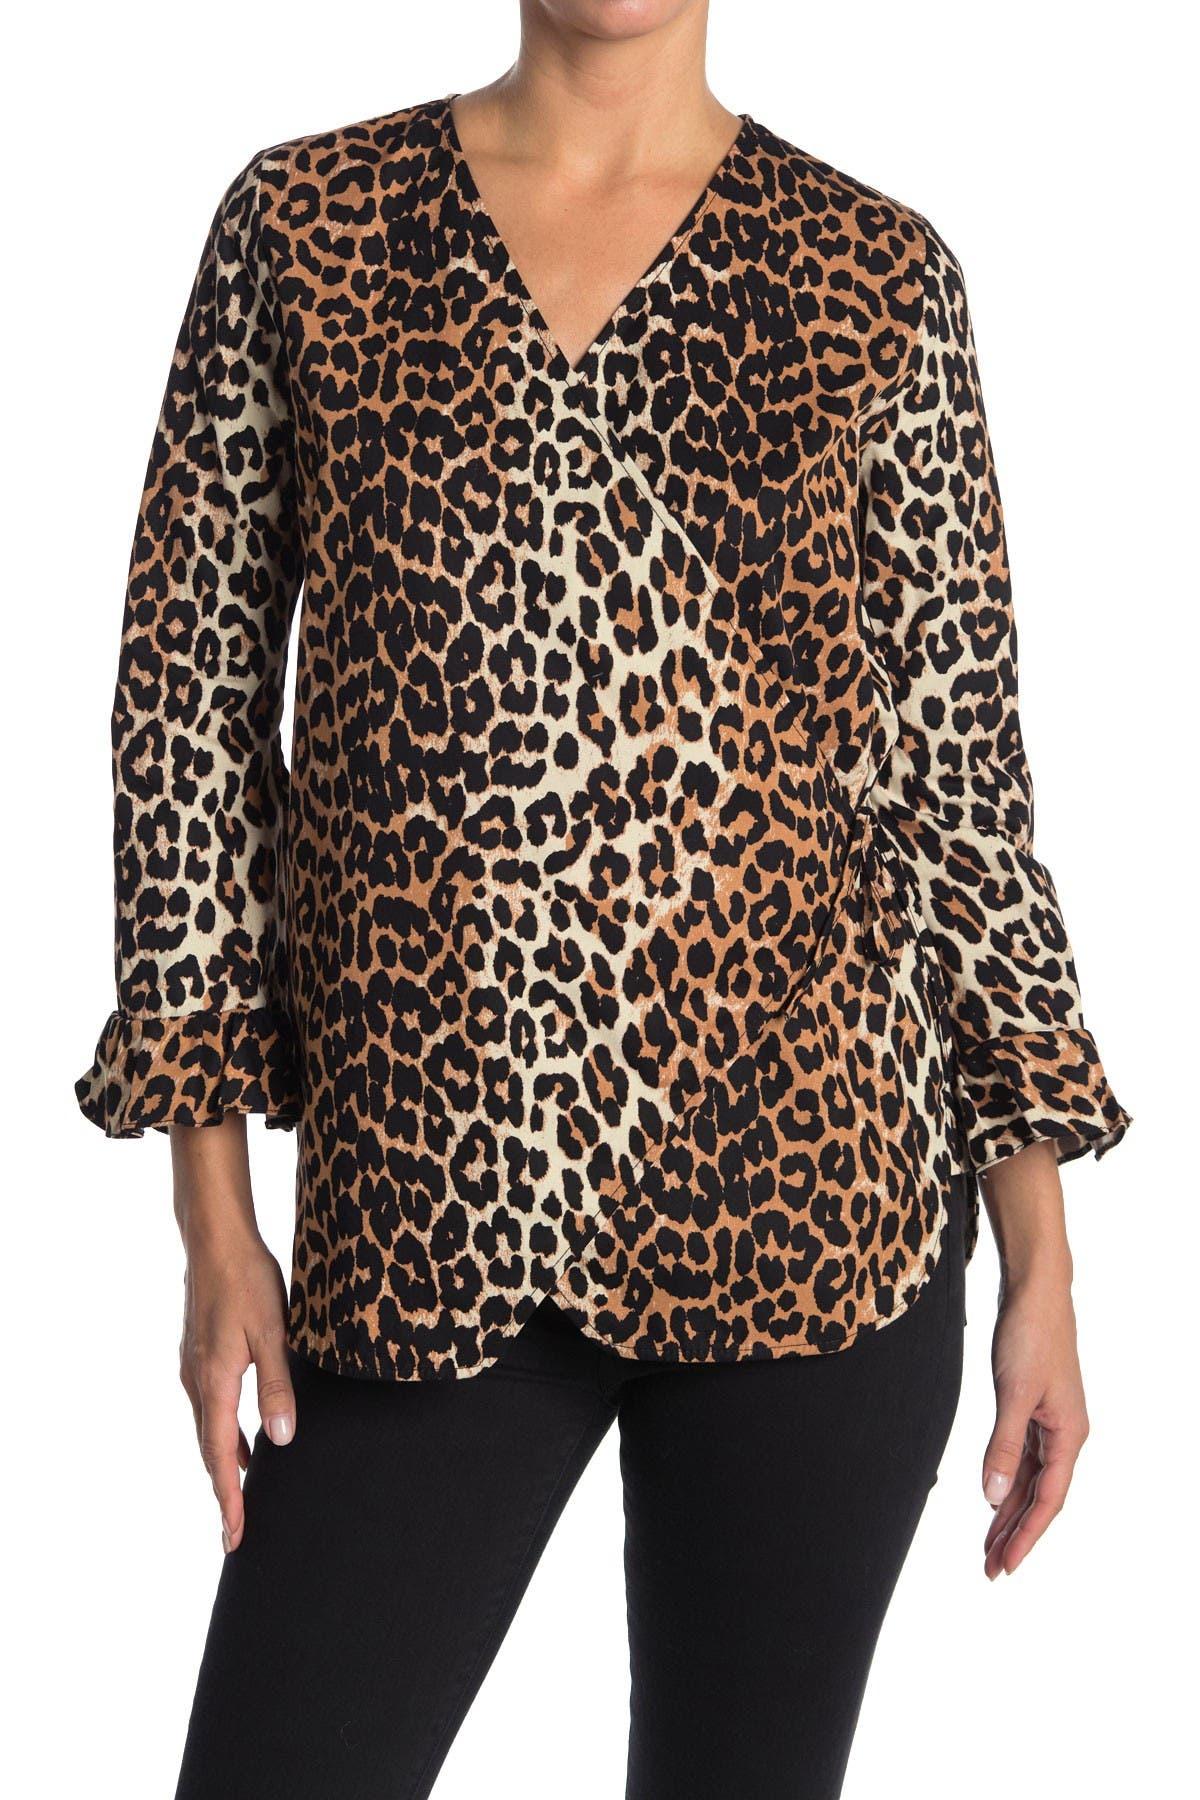 Image of GANNI Fabre Cotton Leopard Blouse